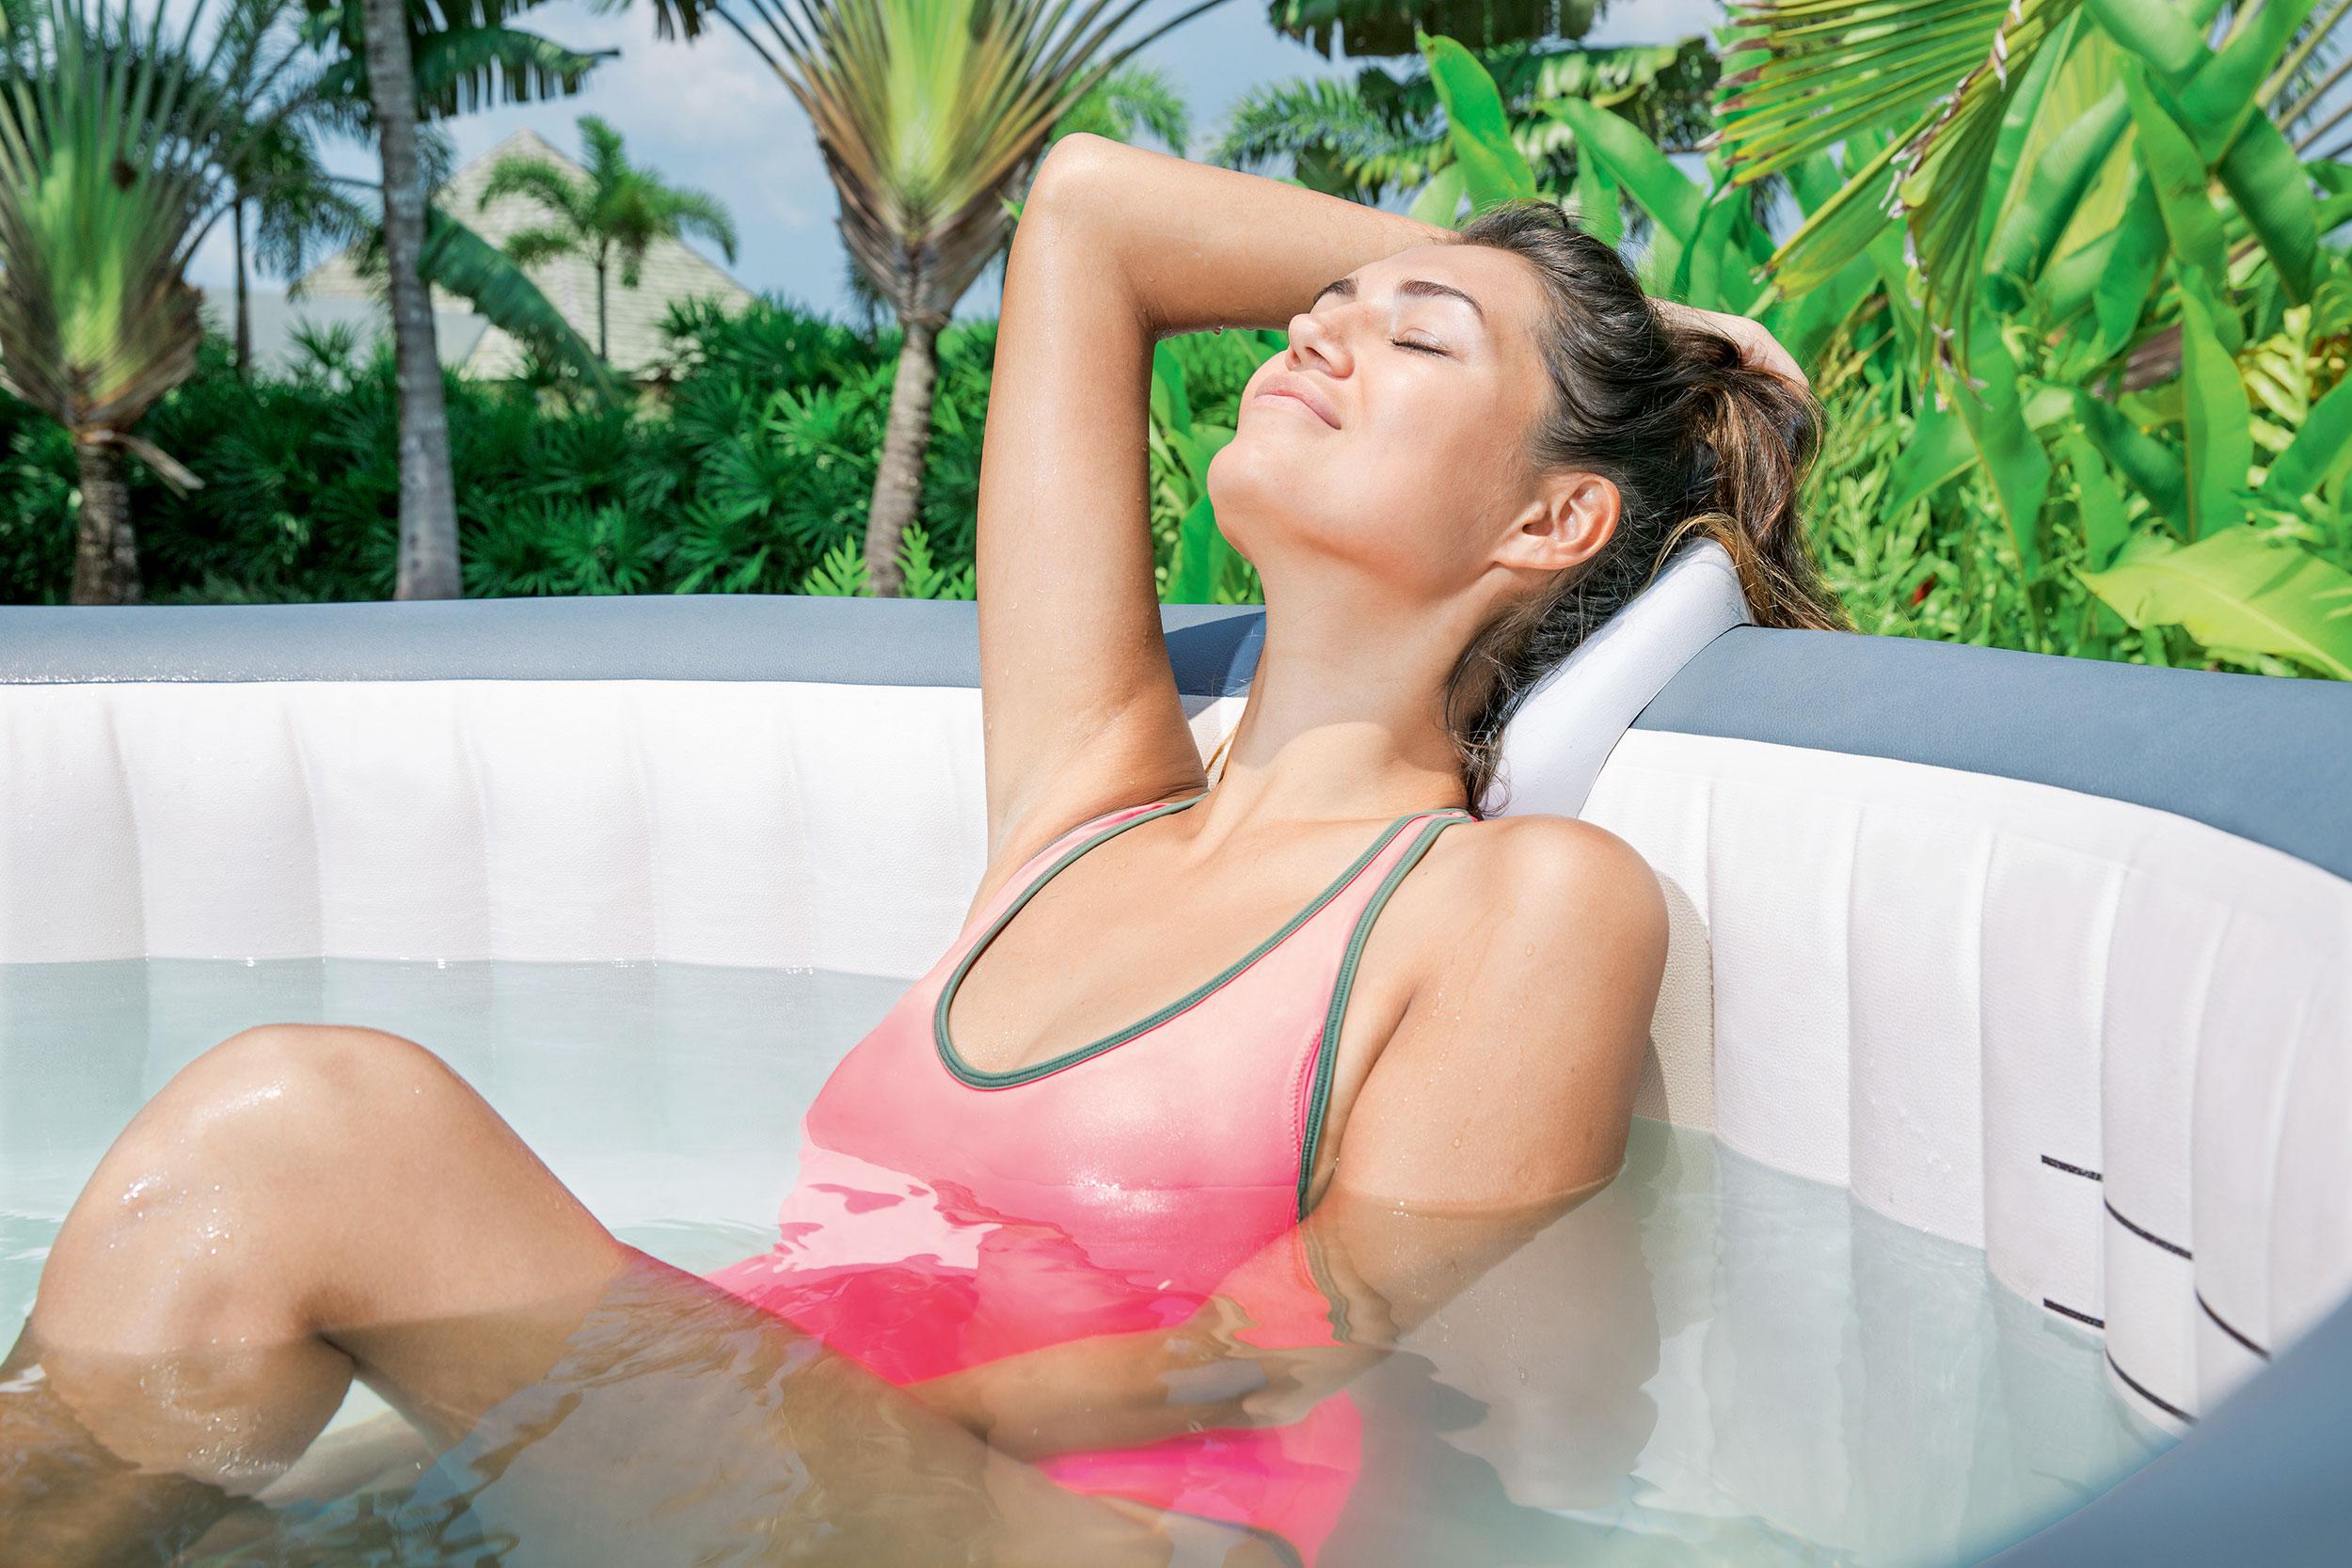 Fühlen Sie sich abgeschlagen und gestresst? Probieren Sie es mit Hydrotherapie!